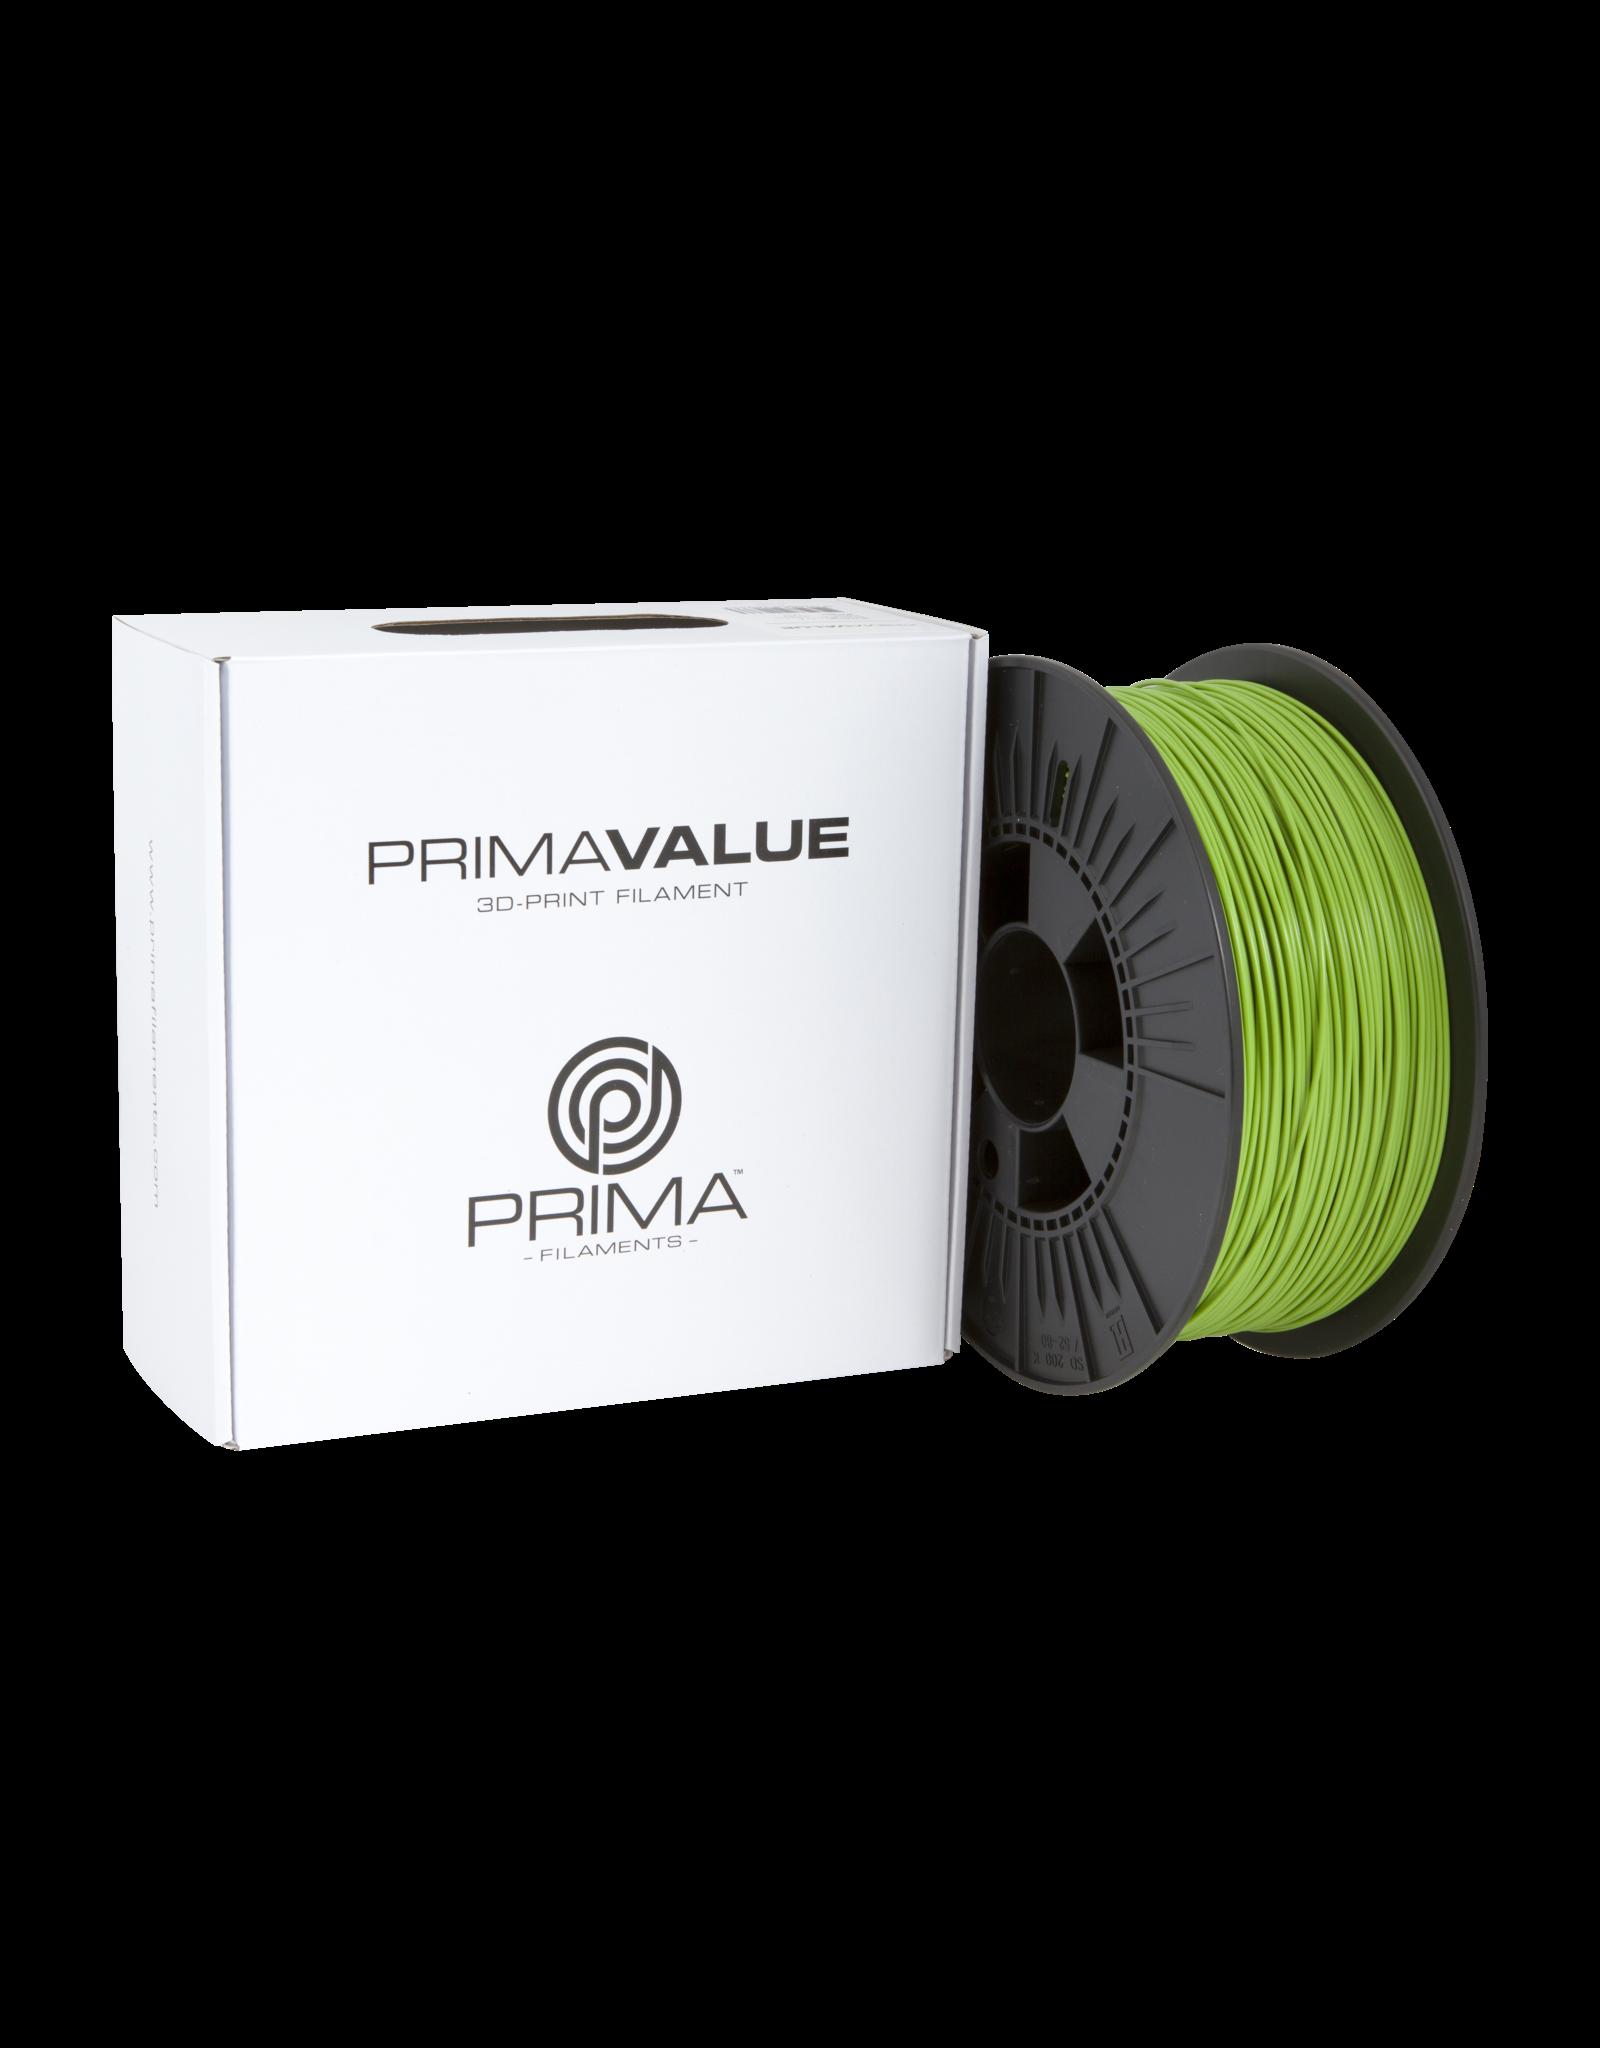 Prima PrimaValue ABS Filament - 1.75mm - 1 kg - Green